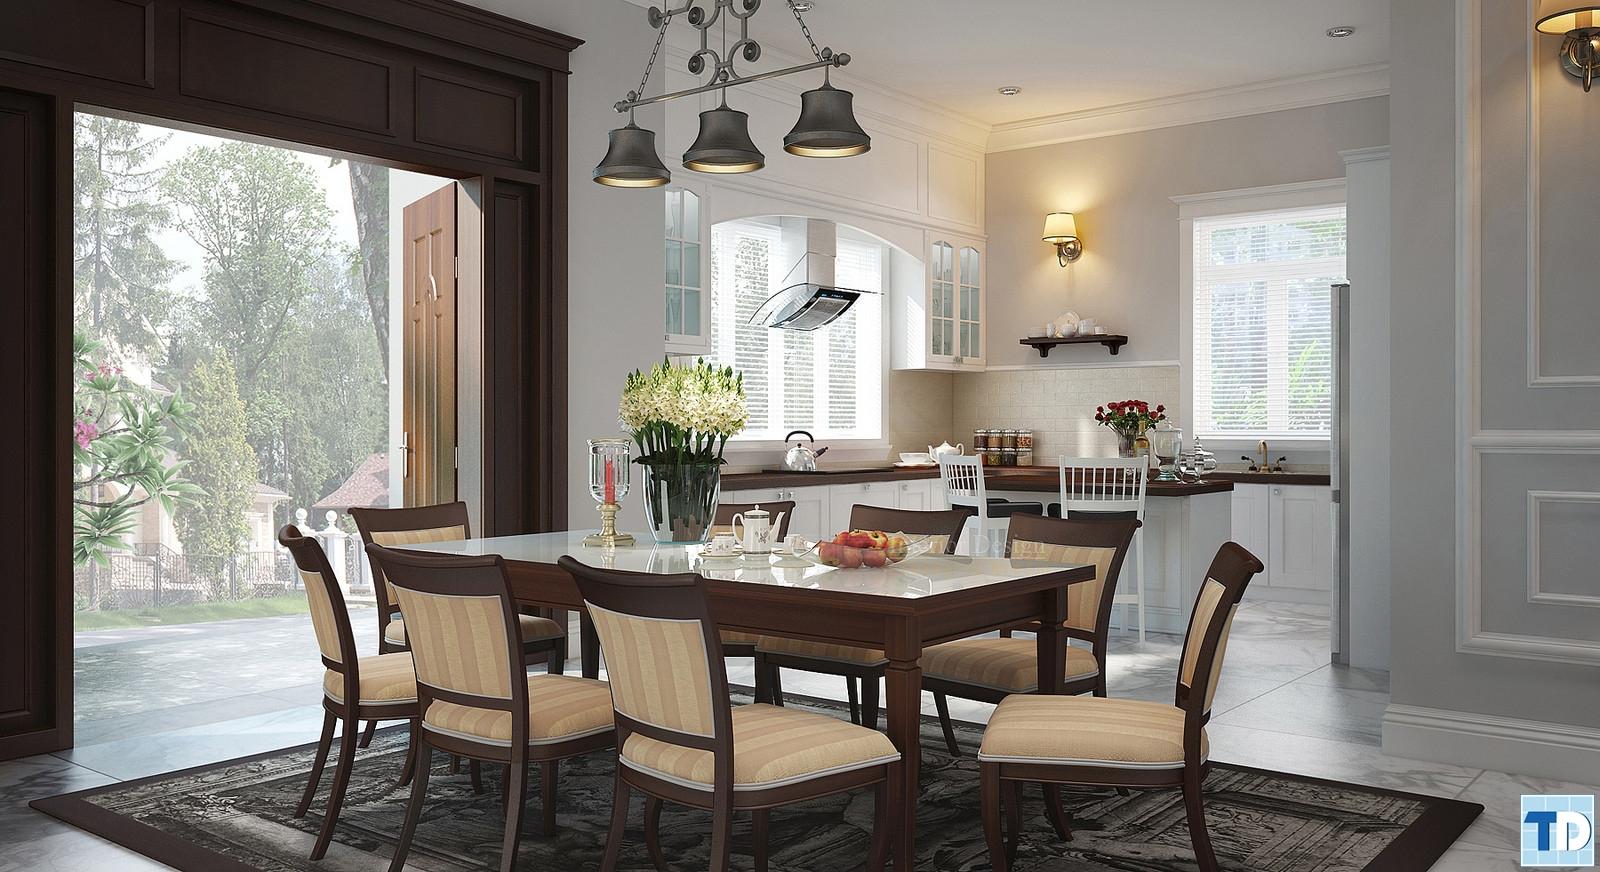 Phòng ăn và bếp tân cổ điển đơn giản